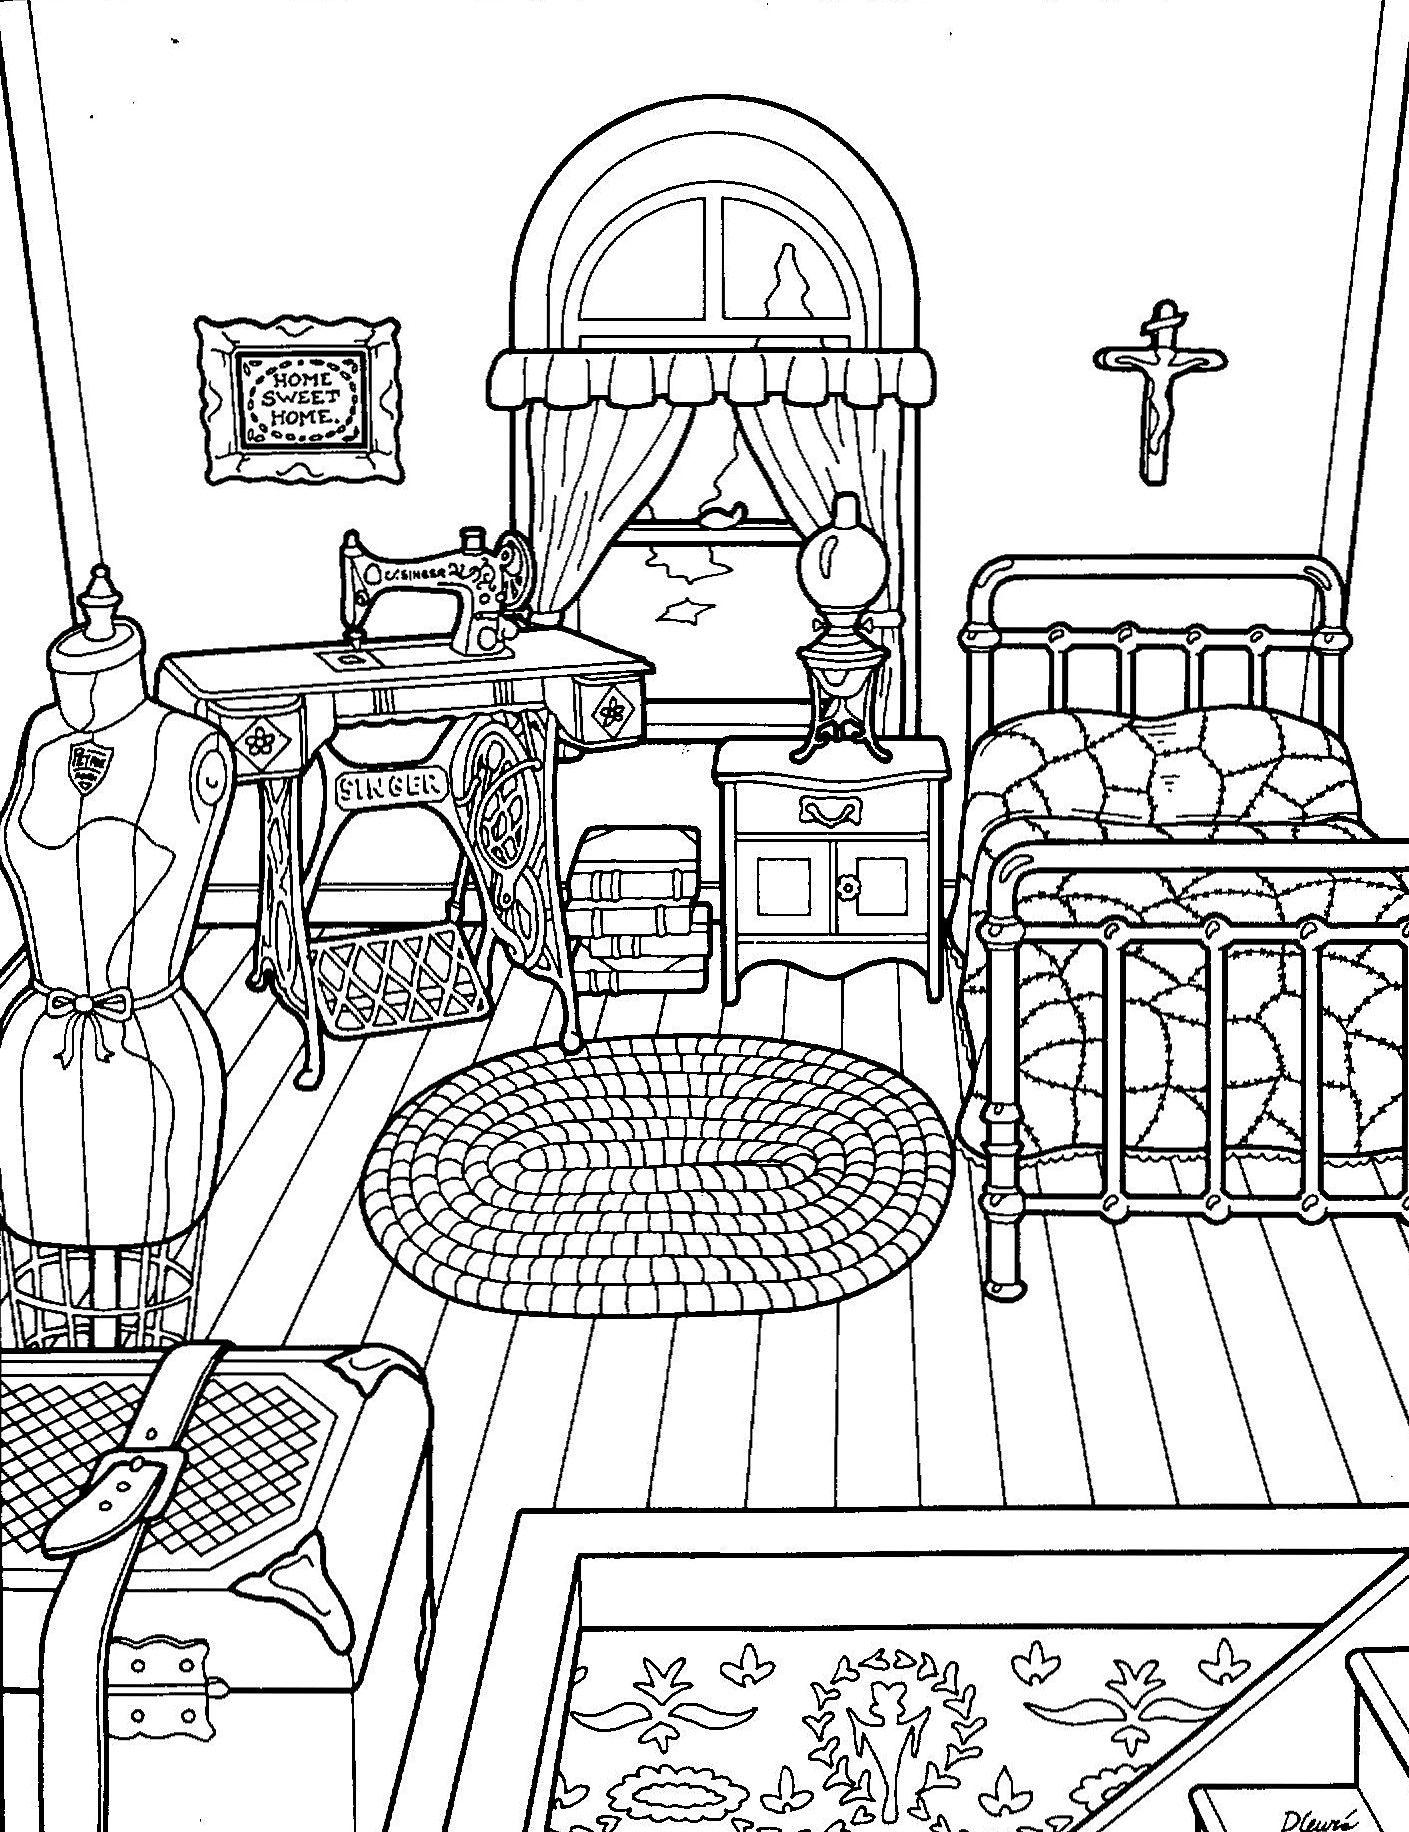 Pin de Theresa Tiano en coloring | Pinterest | Colorear, Mandalas y ...